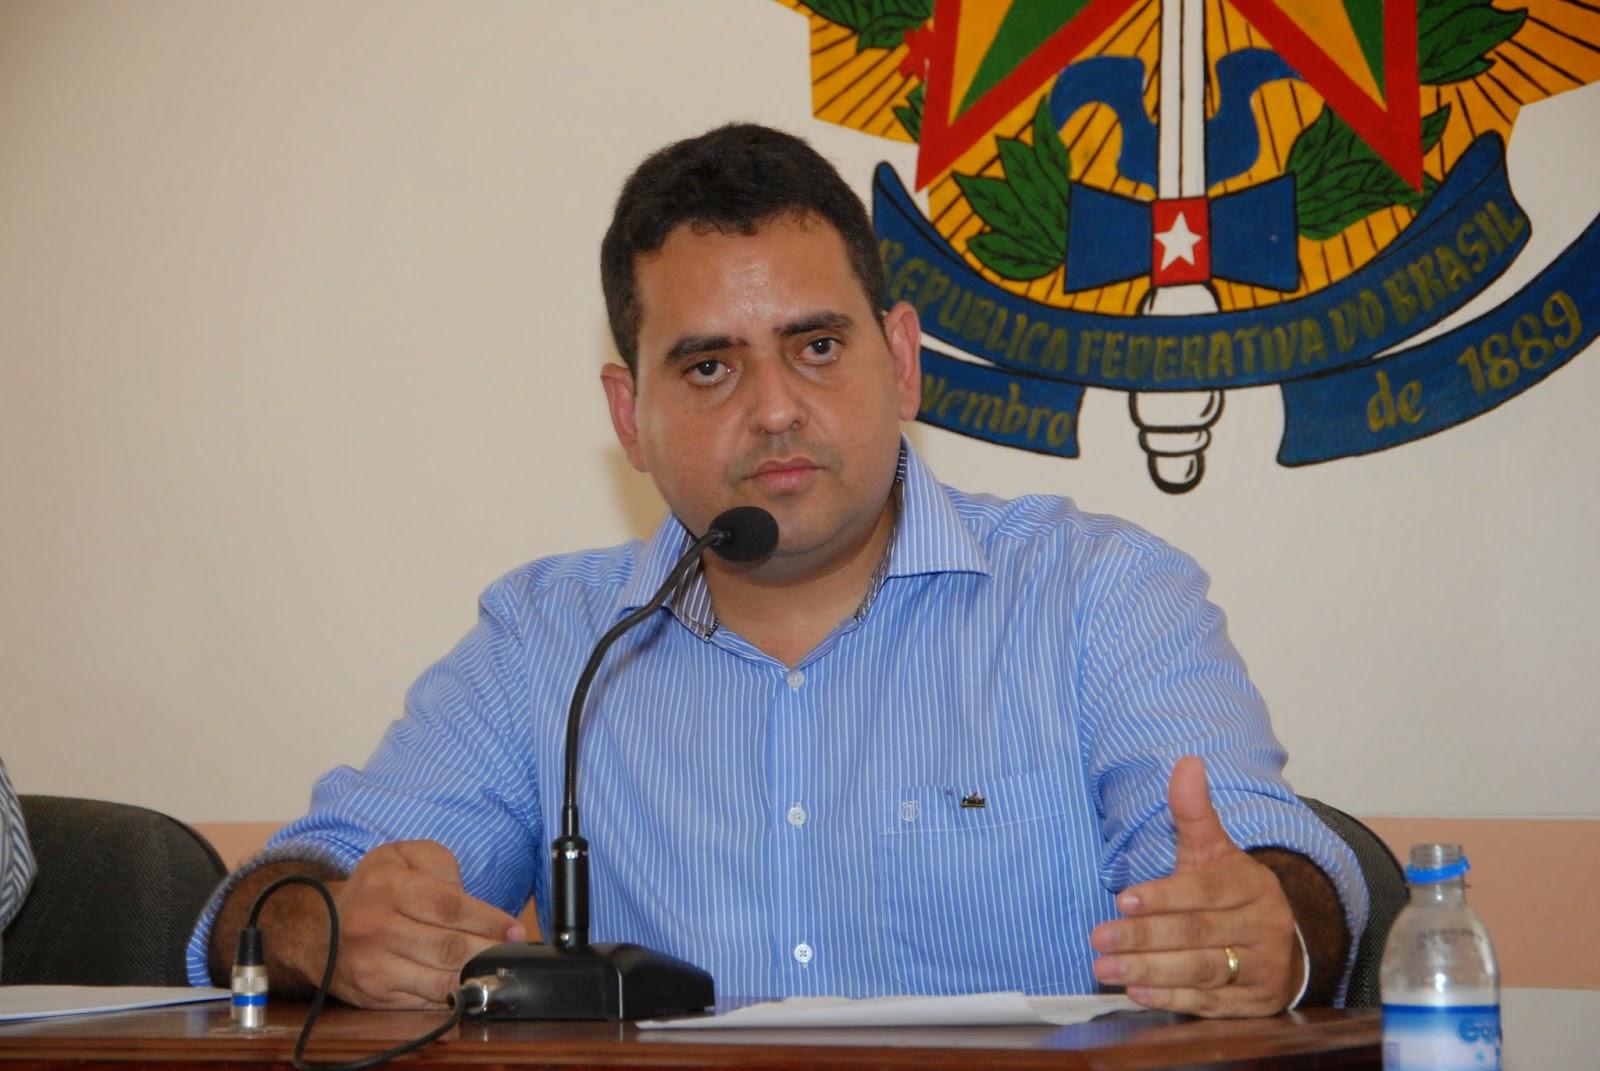 Escritório de advogados: Dilson Borges é denunciado por contrato suspeito